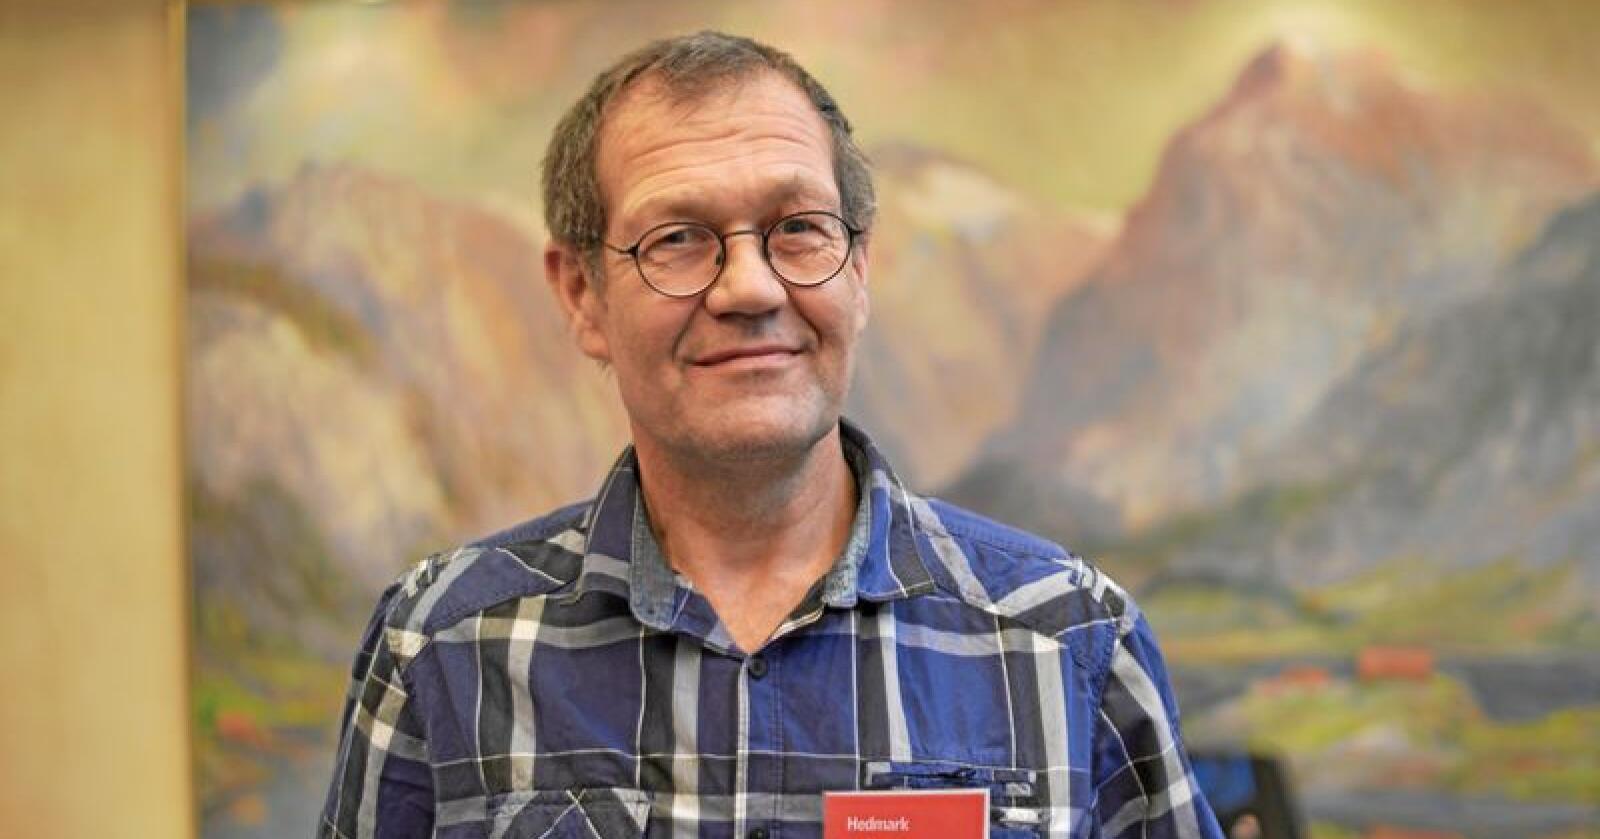 Ståle Støen er nestleder i Hedmark Bonde- og Småbrukarlag. Han driver gård i Folldal kommune. Foto: Tori Aarseth / Nei til EU